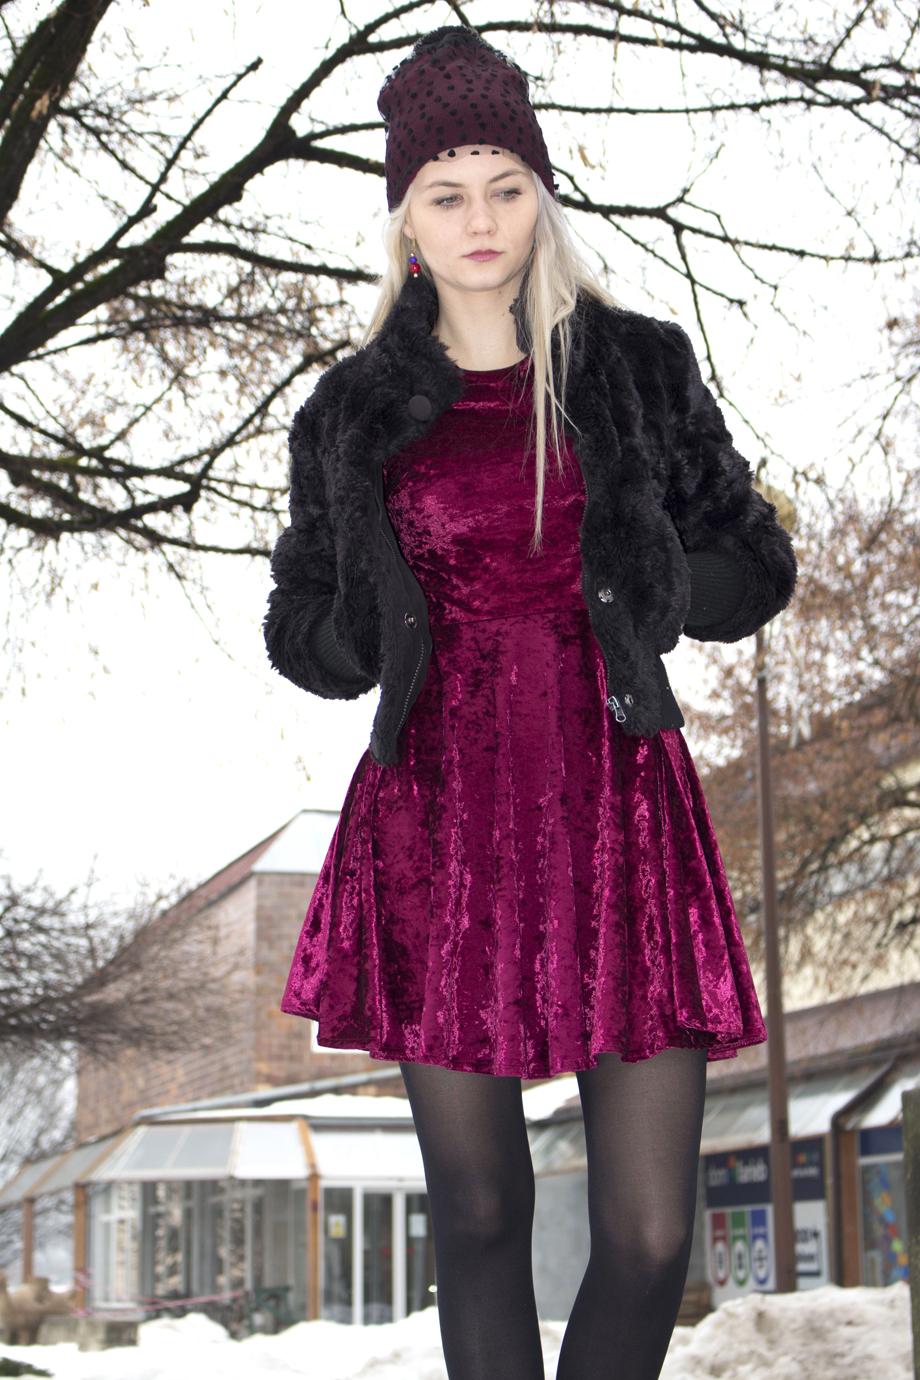 ade2f3bacbfd obrázok 2 Ako nosiť šaty aj v zime